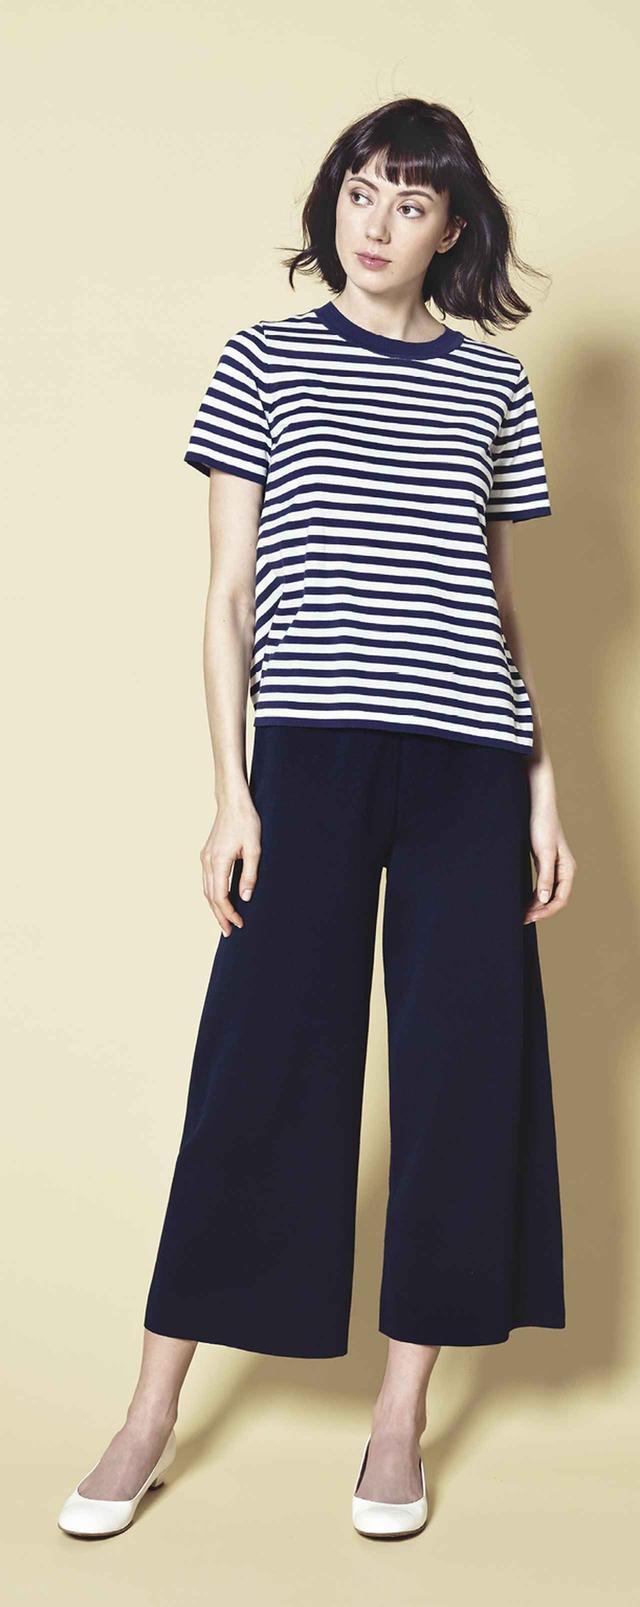 画像2: 服のプロが作る良い服